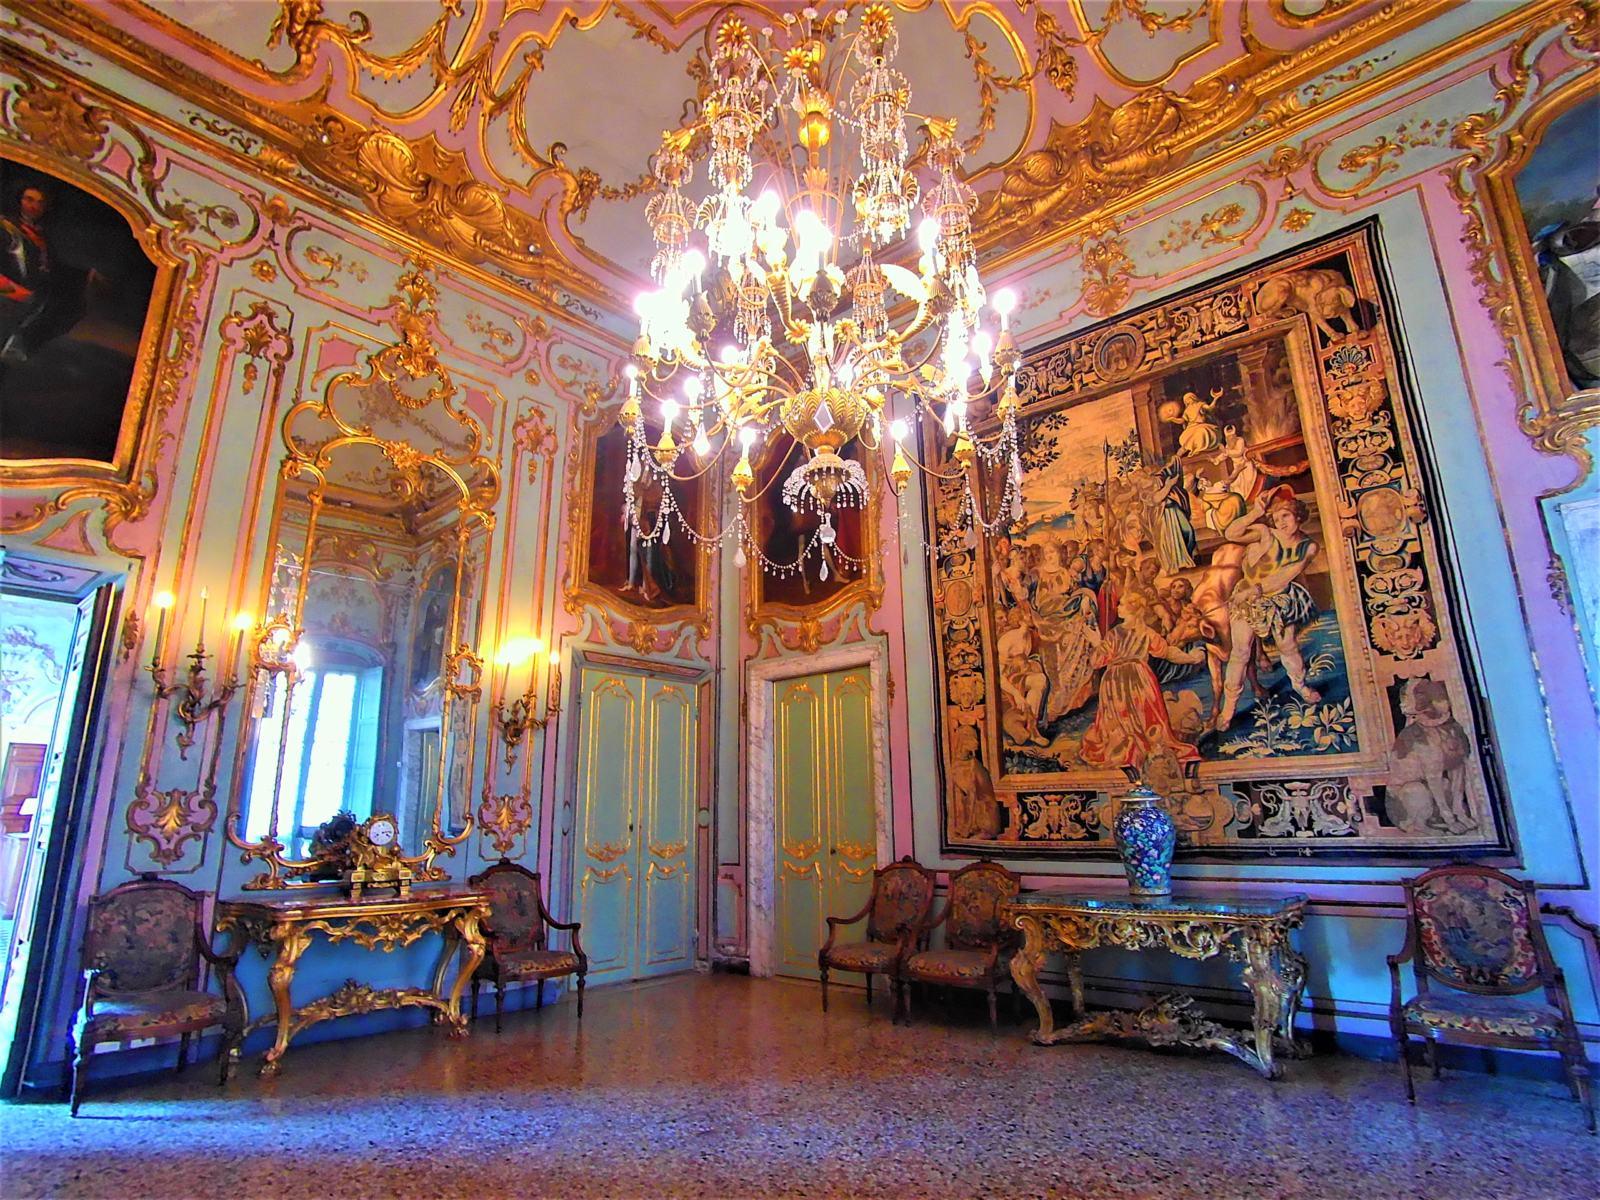 Sala di Palazzo Reale